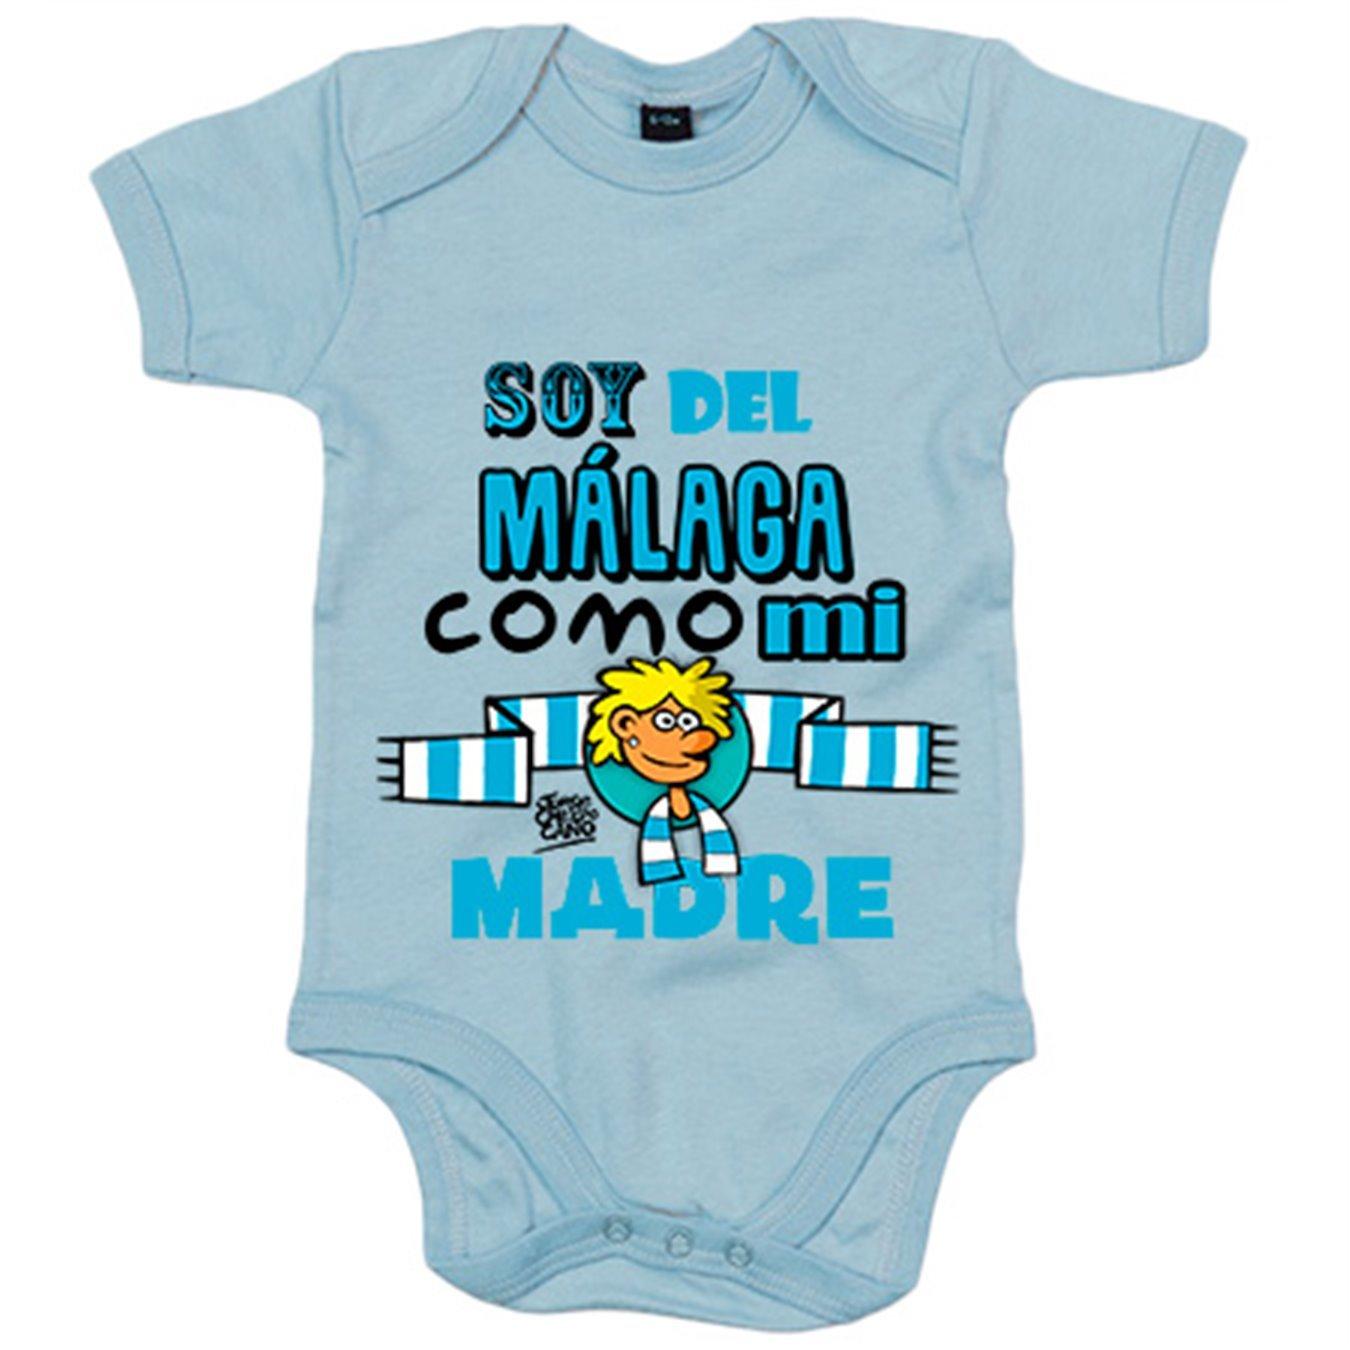 Body bebé soy del Málaga como mi madre Jorge Crespo Cano - Blanco, 6-12 meses: Amazon.es: Bebé